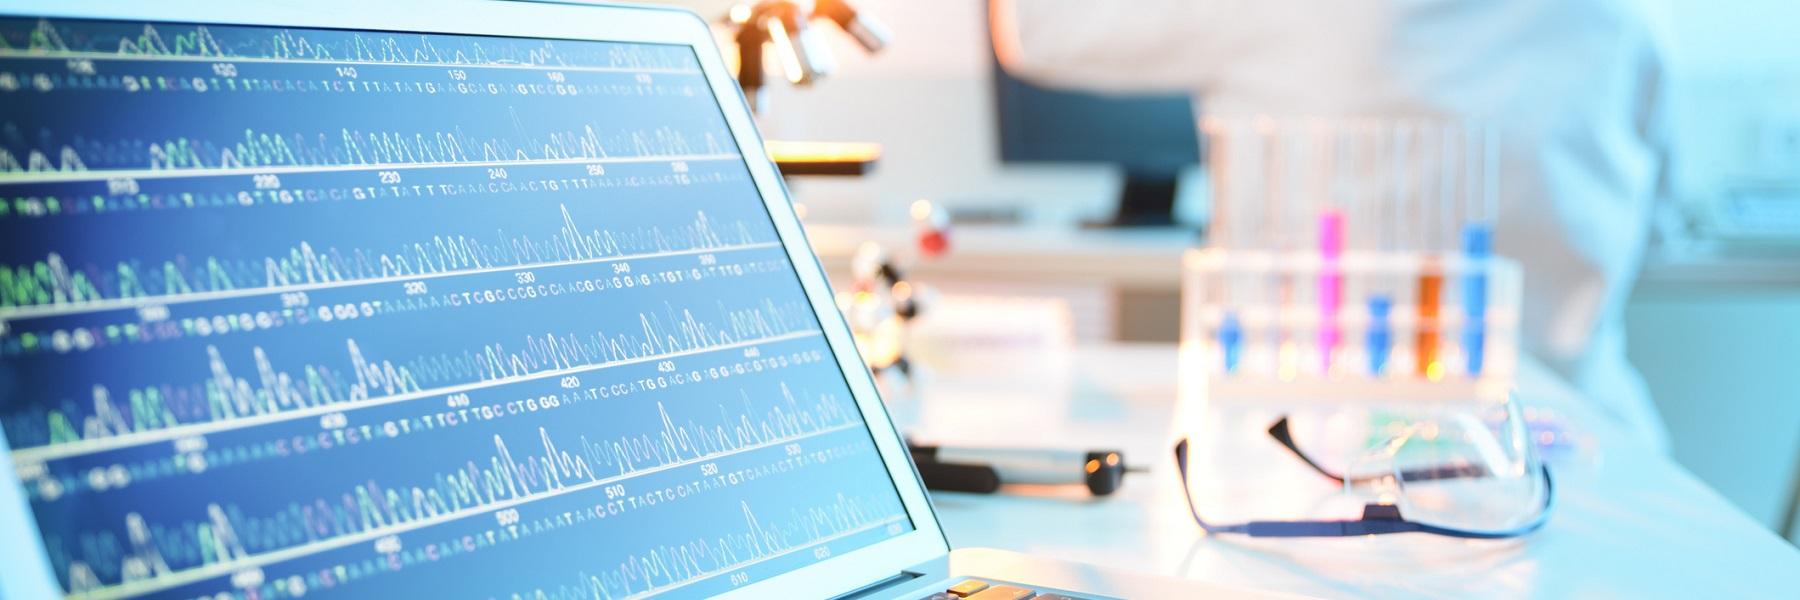 Médecine personnalisée ou impersonnalisée?